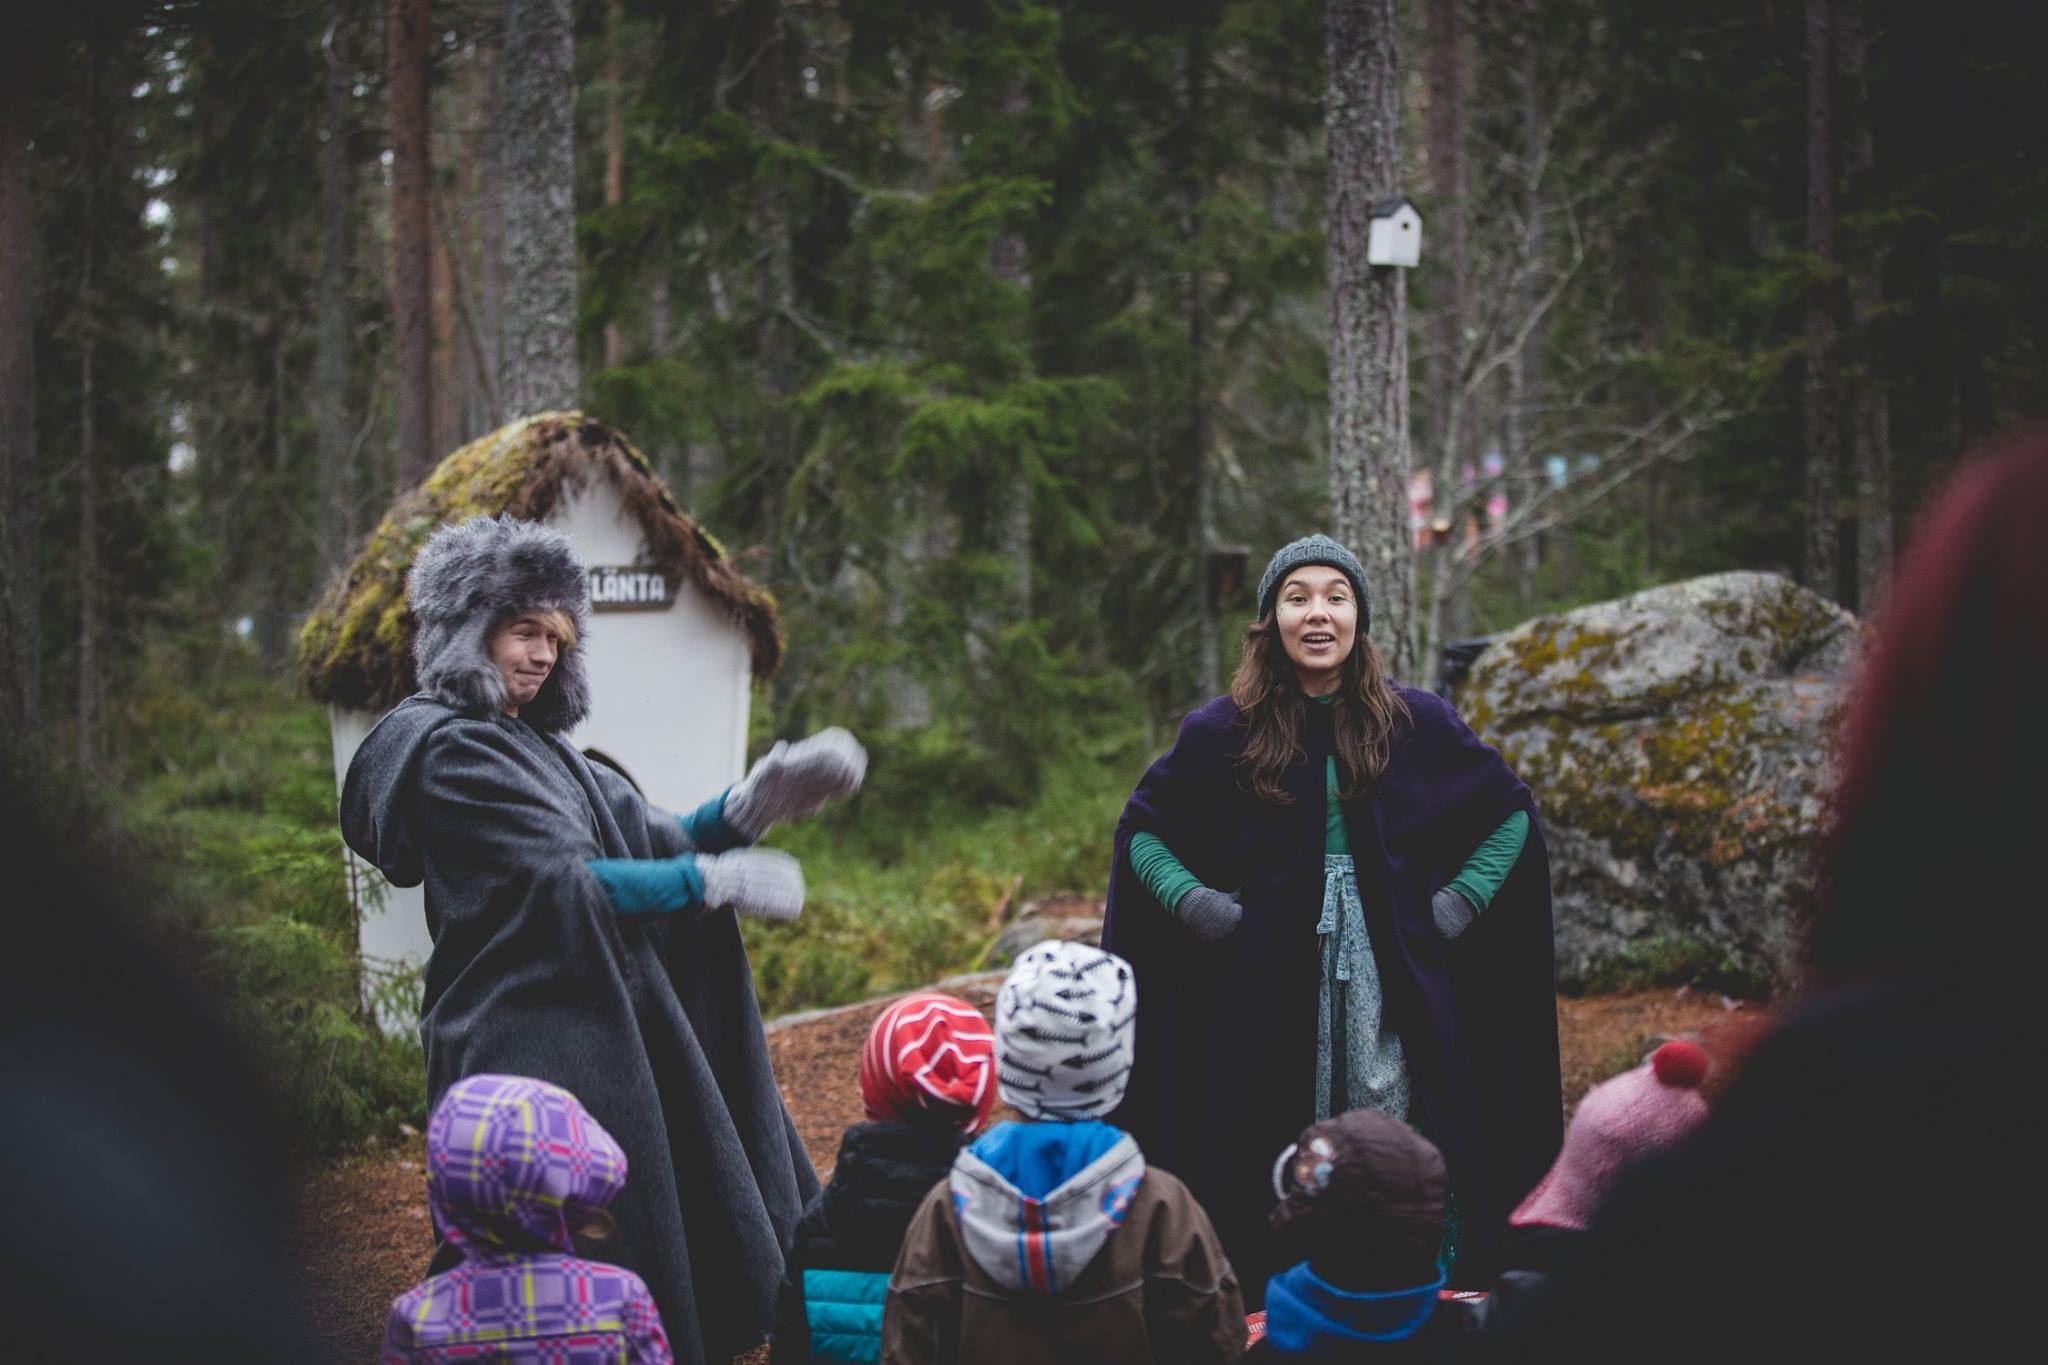 Trolska skogen, Mellanfjärden, Hälsingland, ,  © Trolska skogen, Mellanfjärden, Hälsingland, , The Enchanted Forest - a family adventure